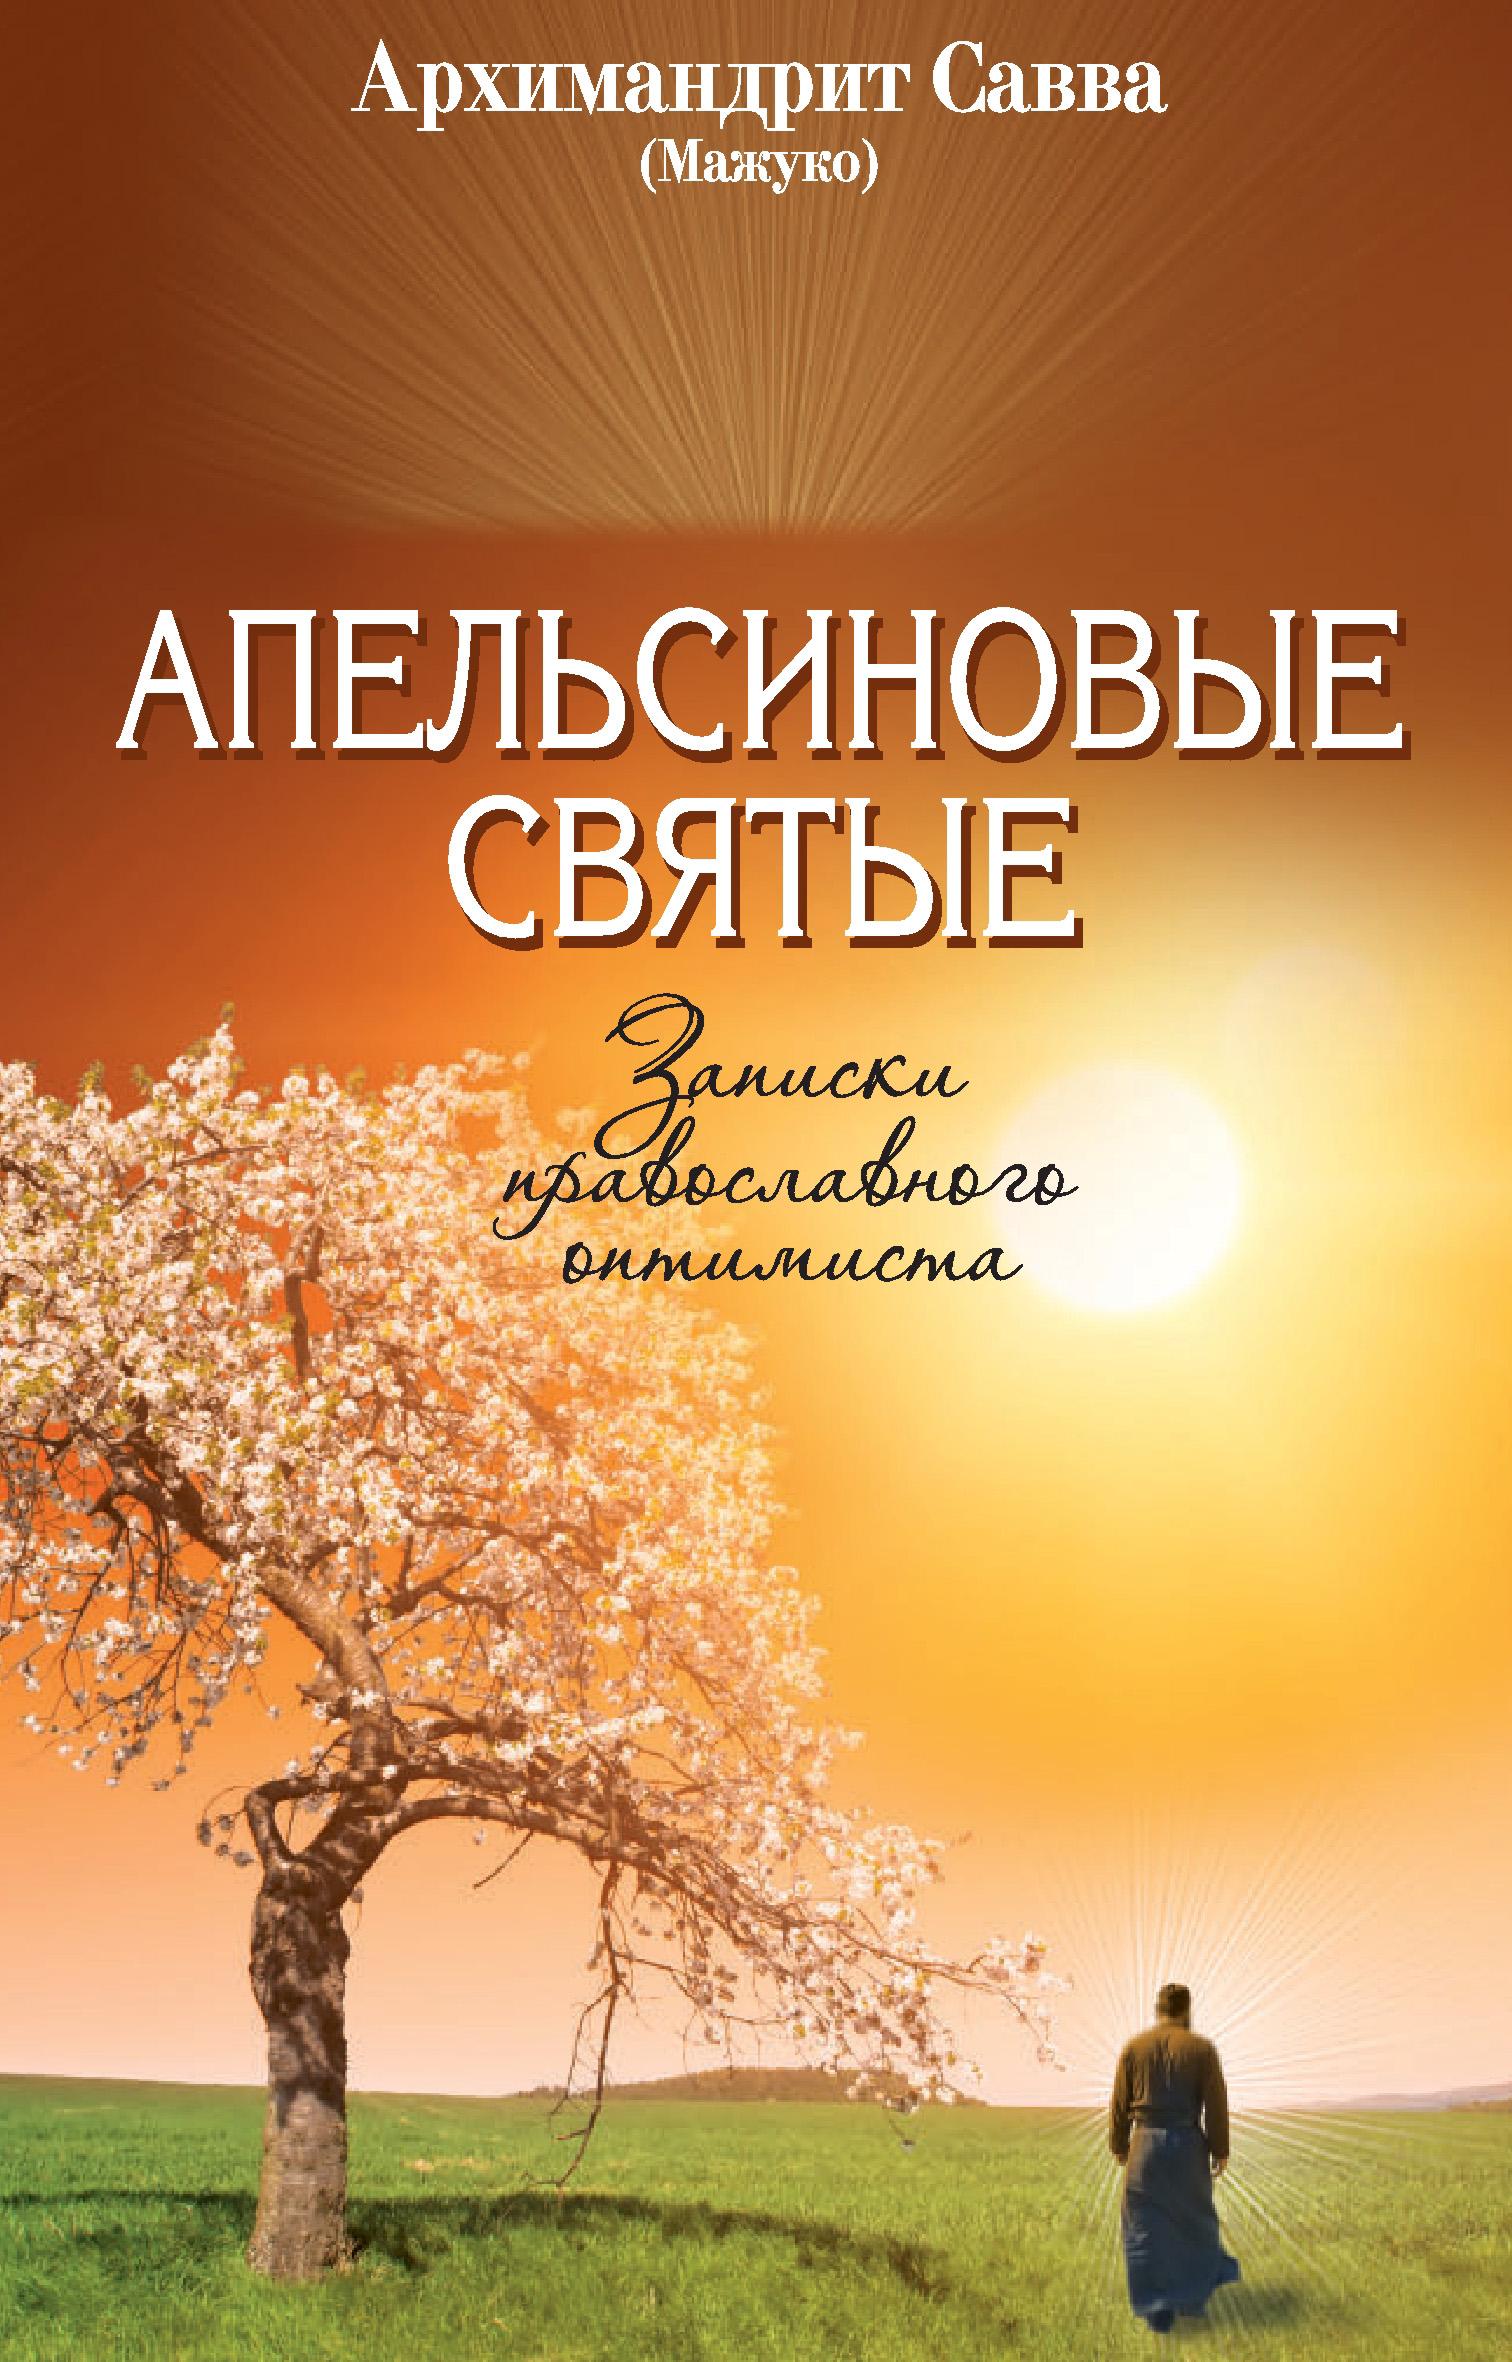 архимандрит Савва (Мажуко) Апельсиновые святые. Записки православного оптимиста архимандрит савва мажуко неизбежность пасхи великопостные письма